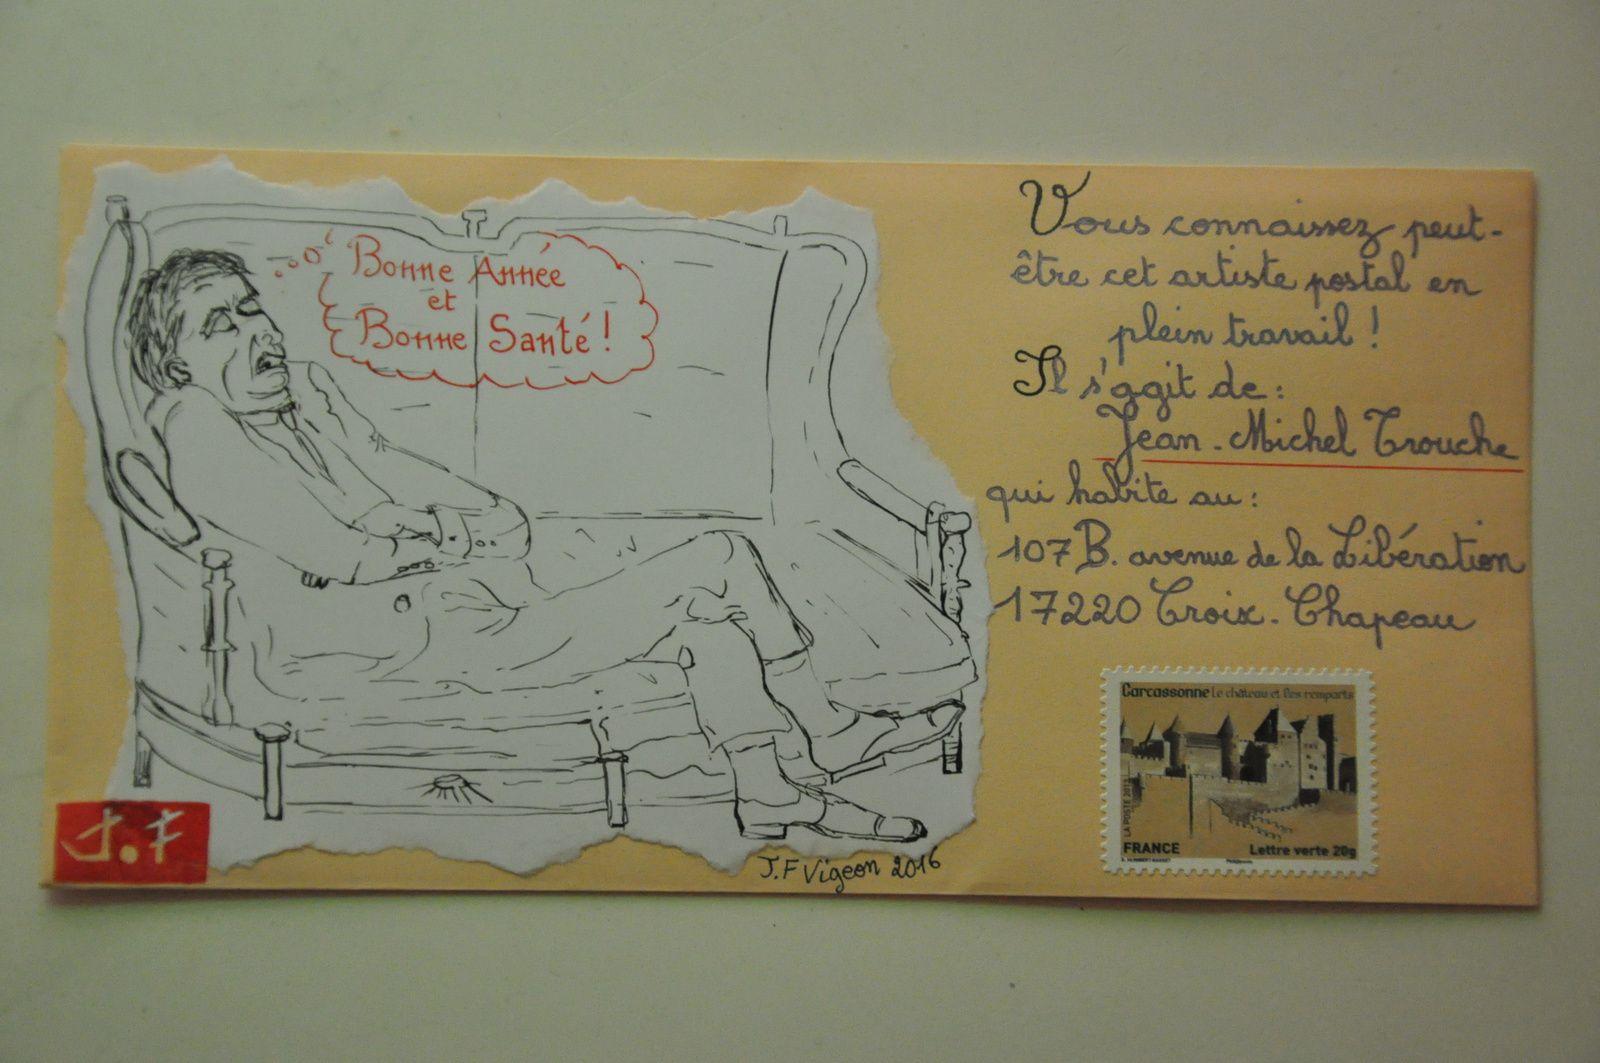 Et voici pour Jean-Michel Trouche qui lui aussi apprécie l'humour.